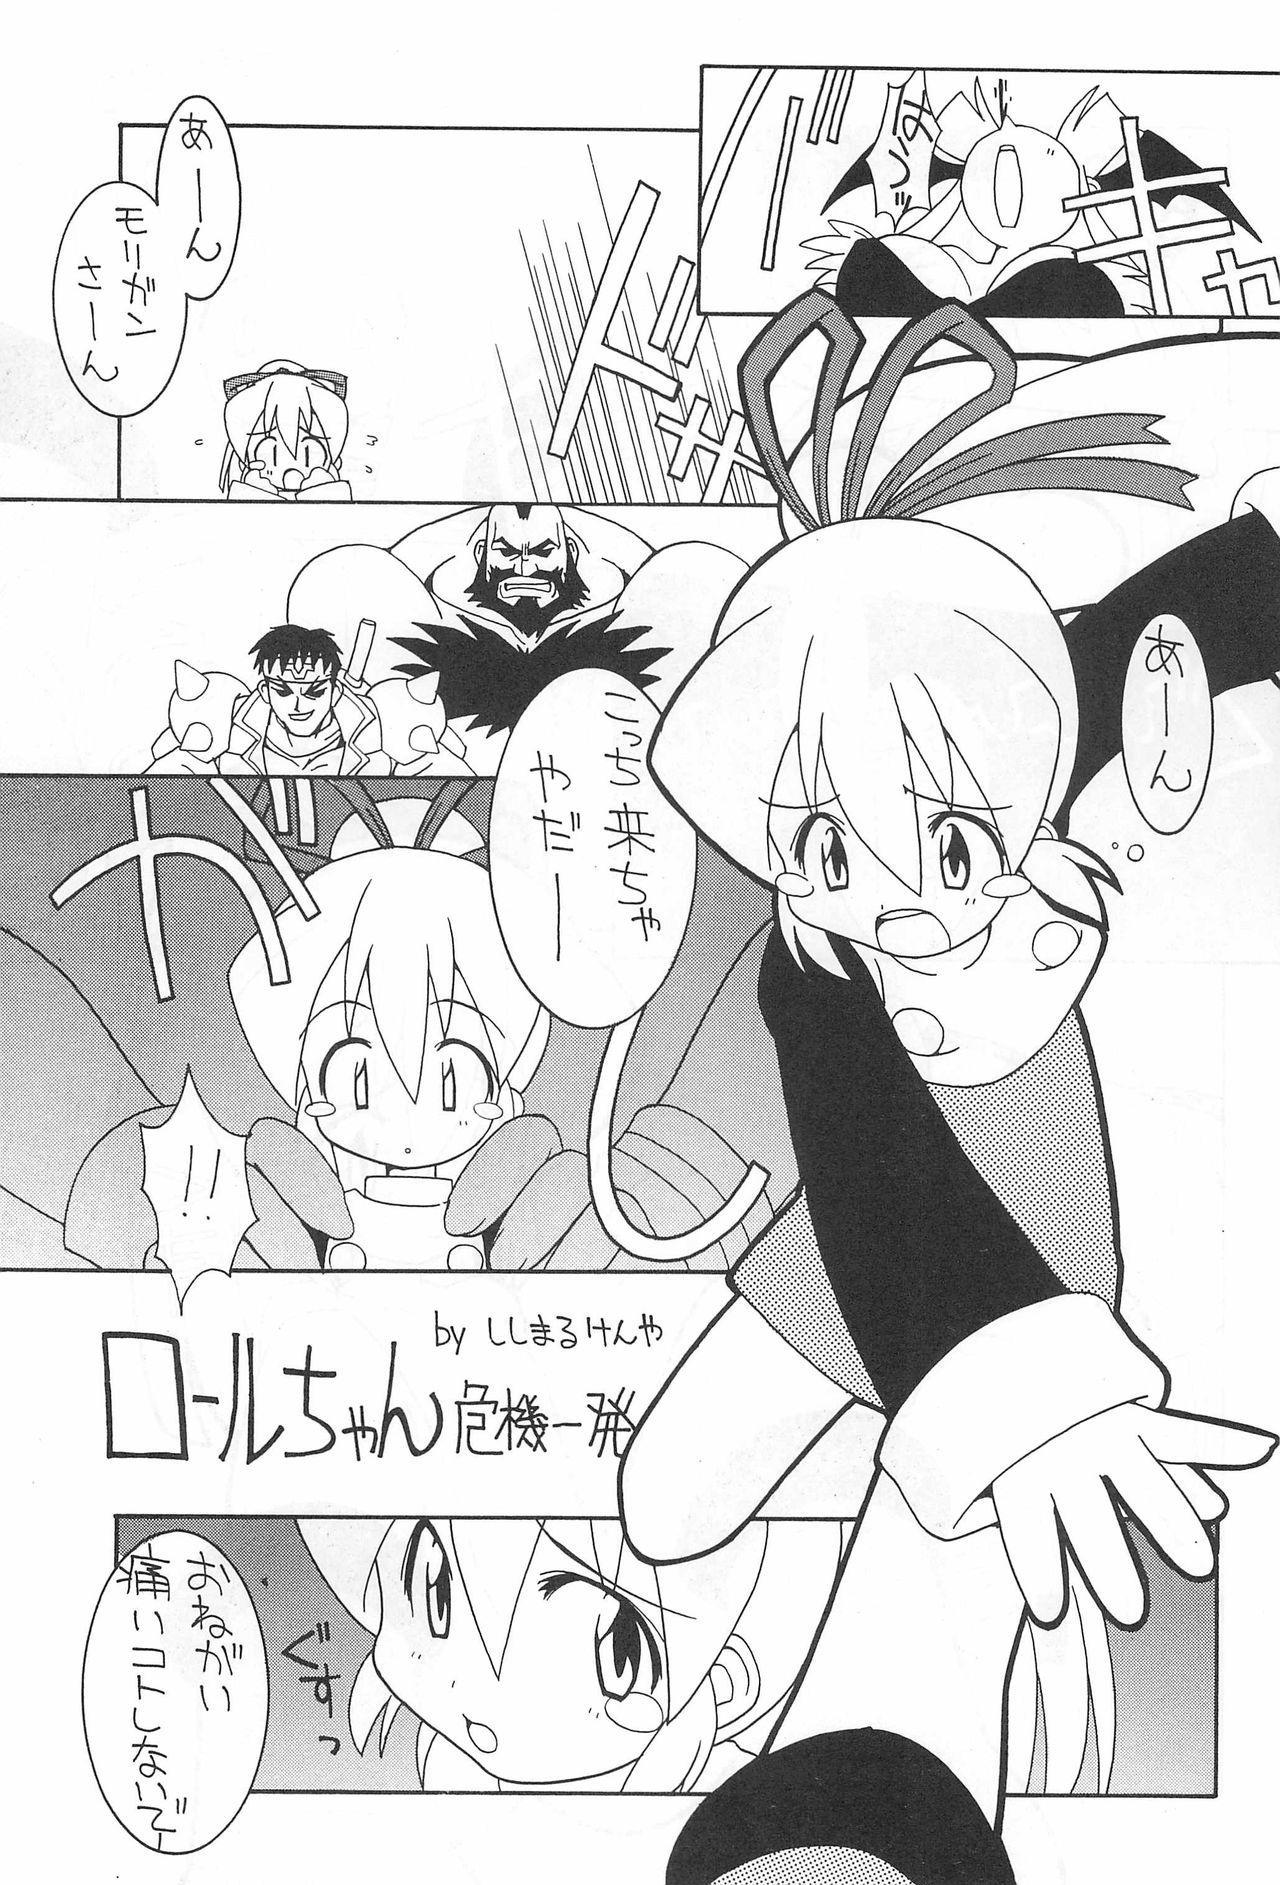 Soko da! Ninpou Youjitaikei no Jutsu EX 14